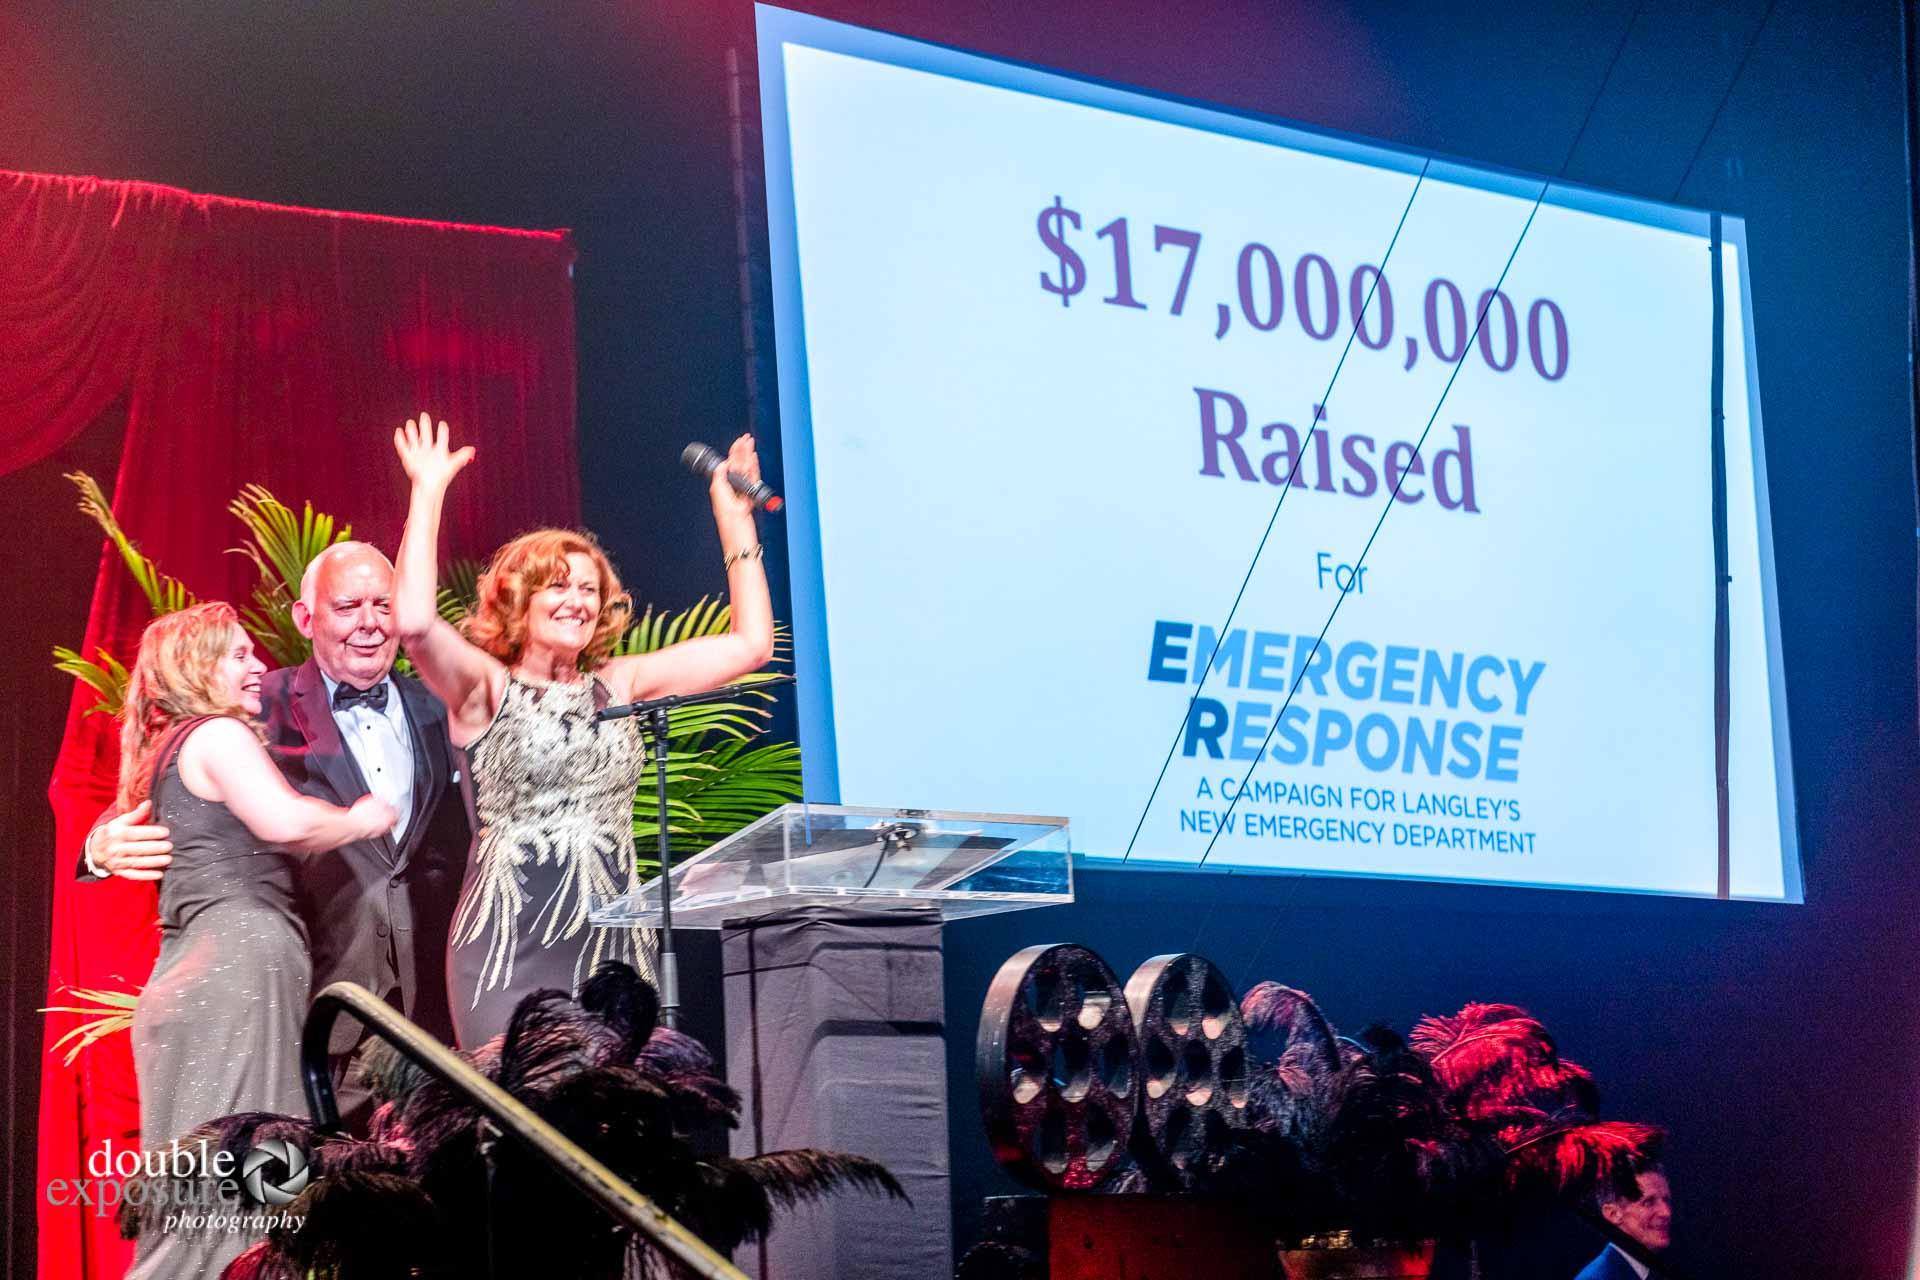 celebrating hospital fund raising